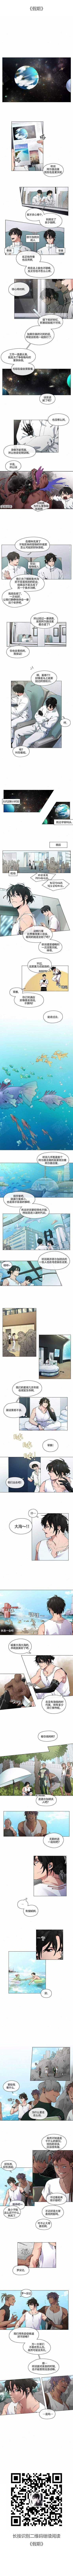 韩漫新书《假期》漫画在哪看 野画集耽美漫画网提供全集免费在线阅读